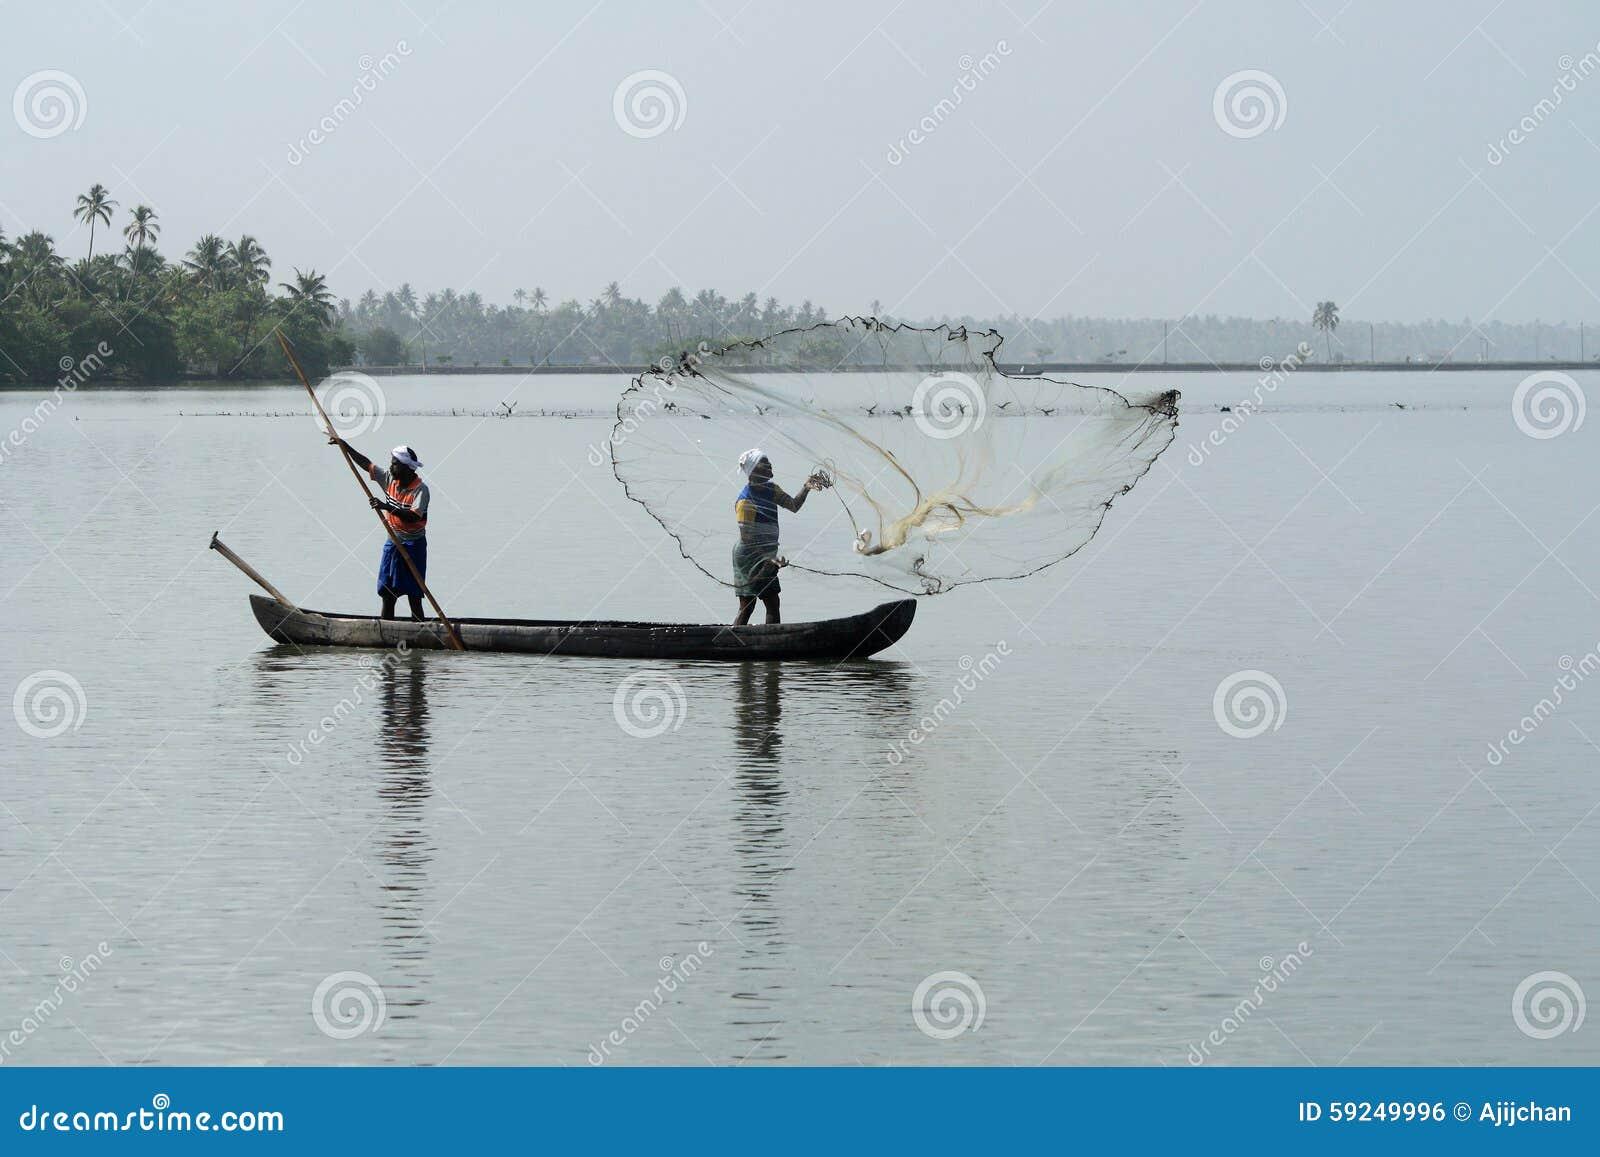 Los pescadores en un barco cogen pescados lanzando la red adentro a los remansos